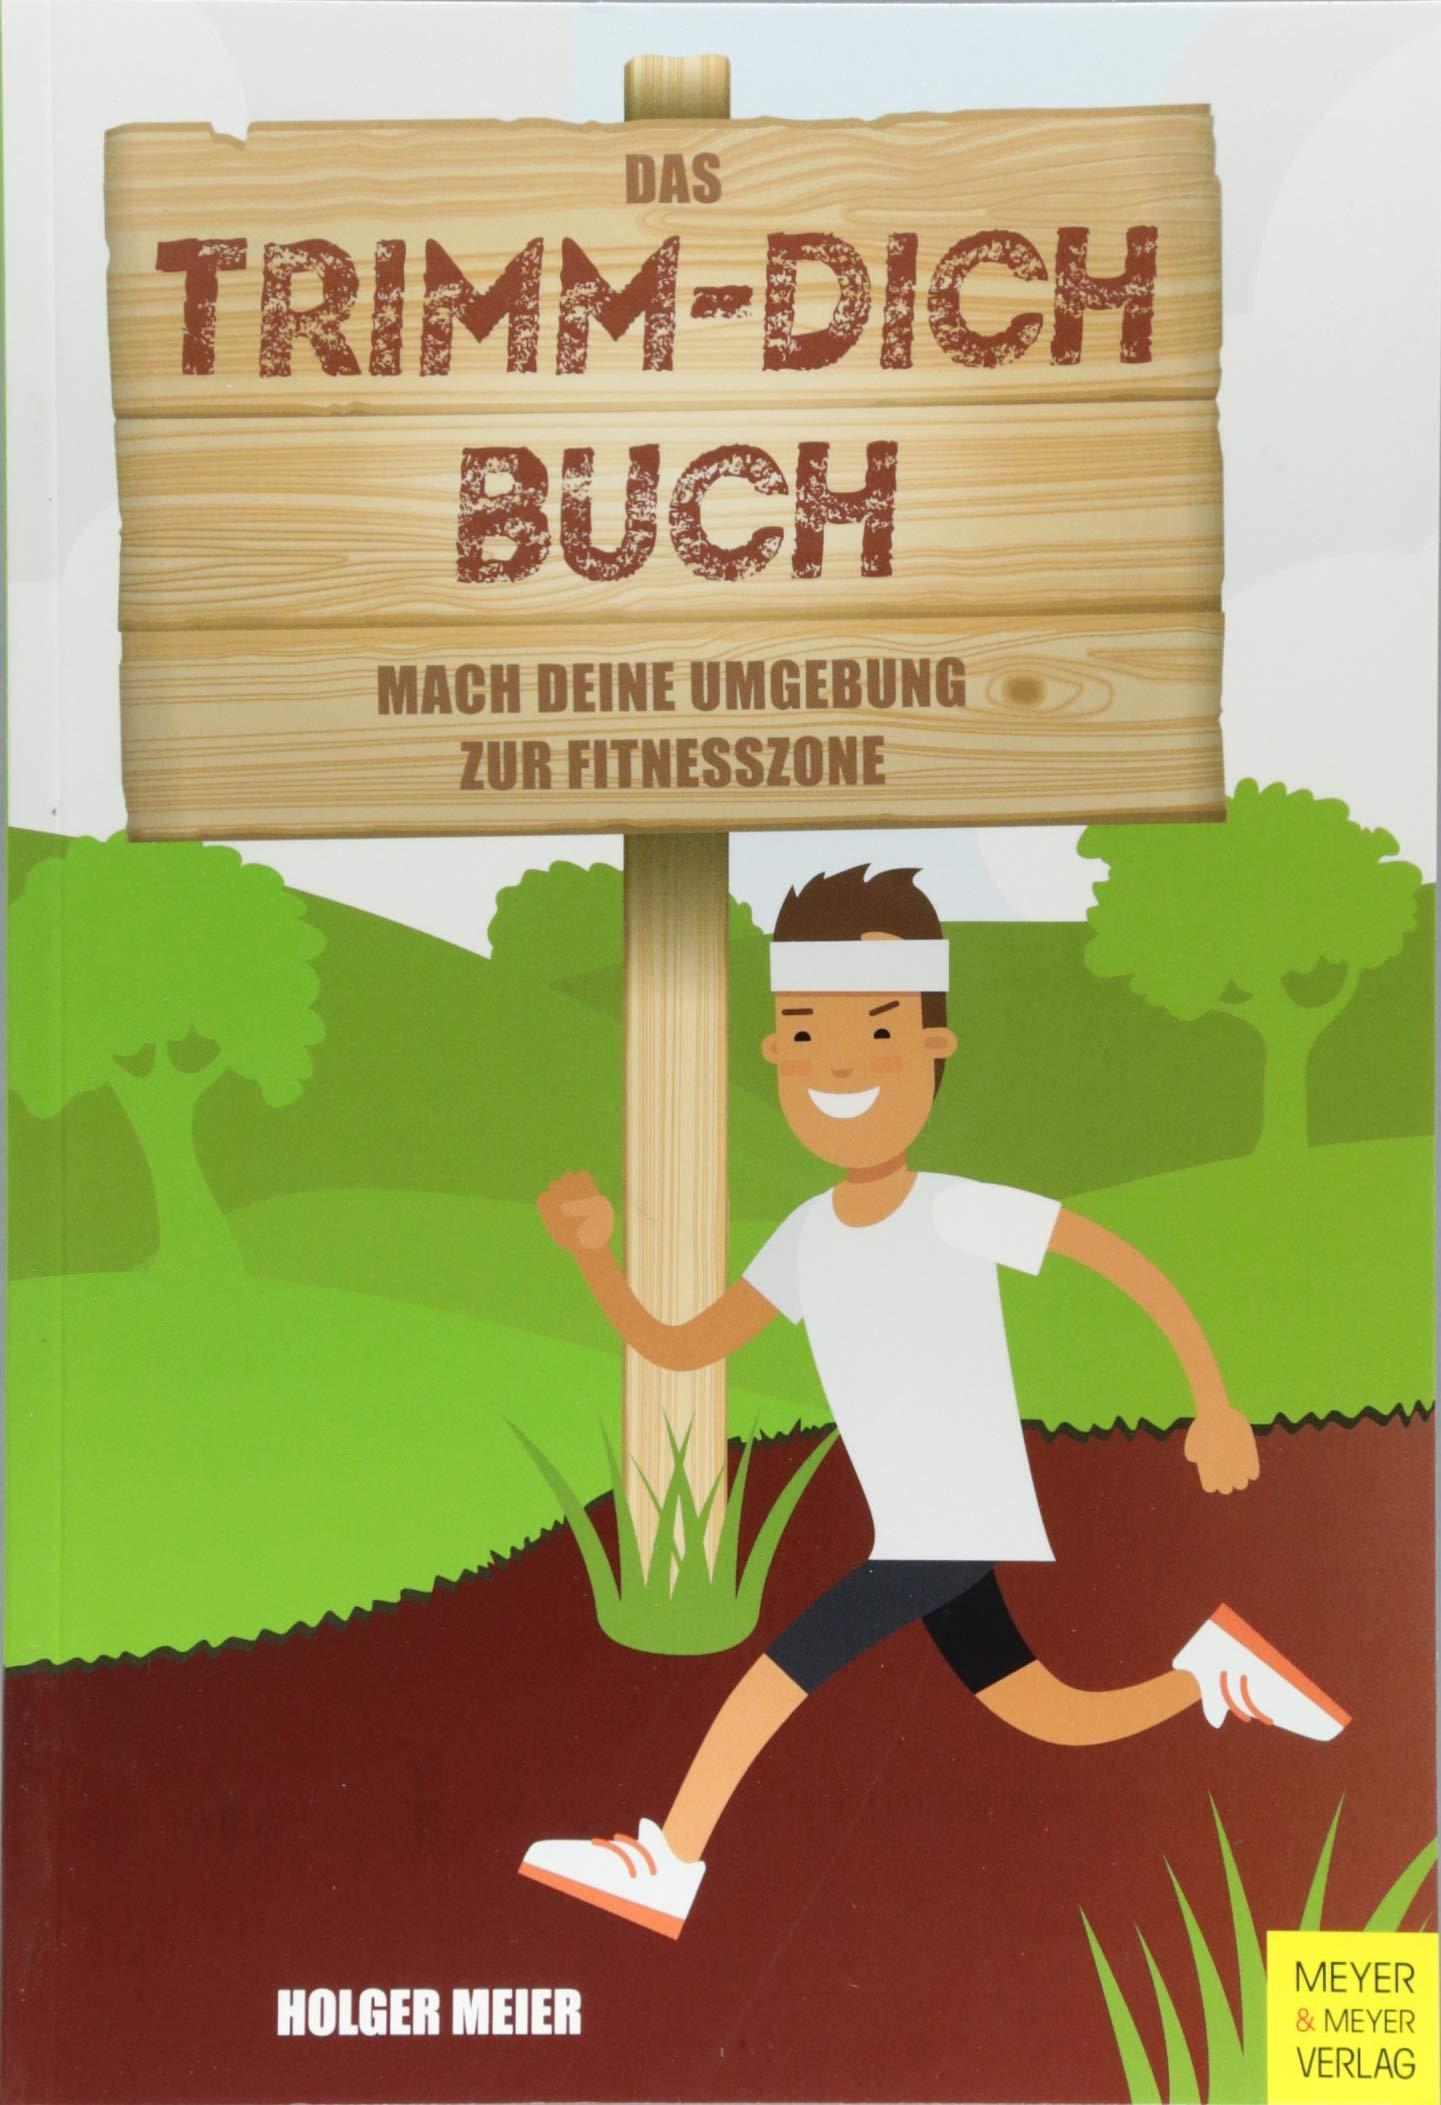 Das Trimm-dich-Buch: Mach deine Umgebung zur Fitnesszone